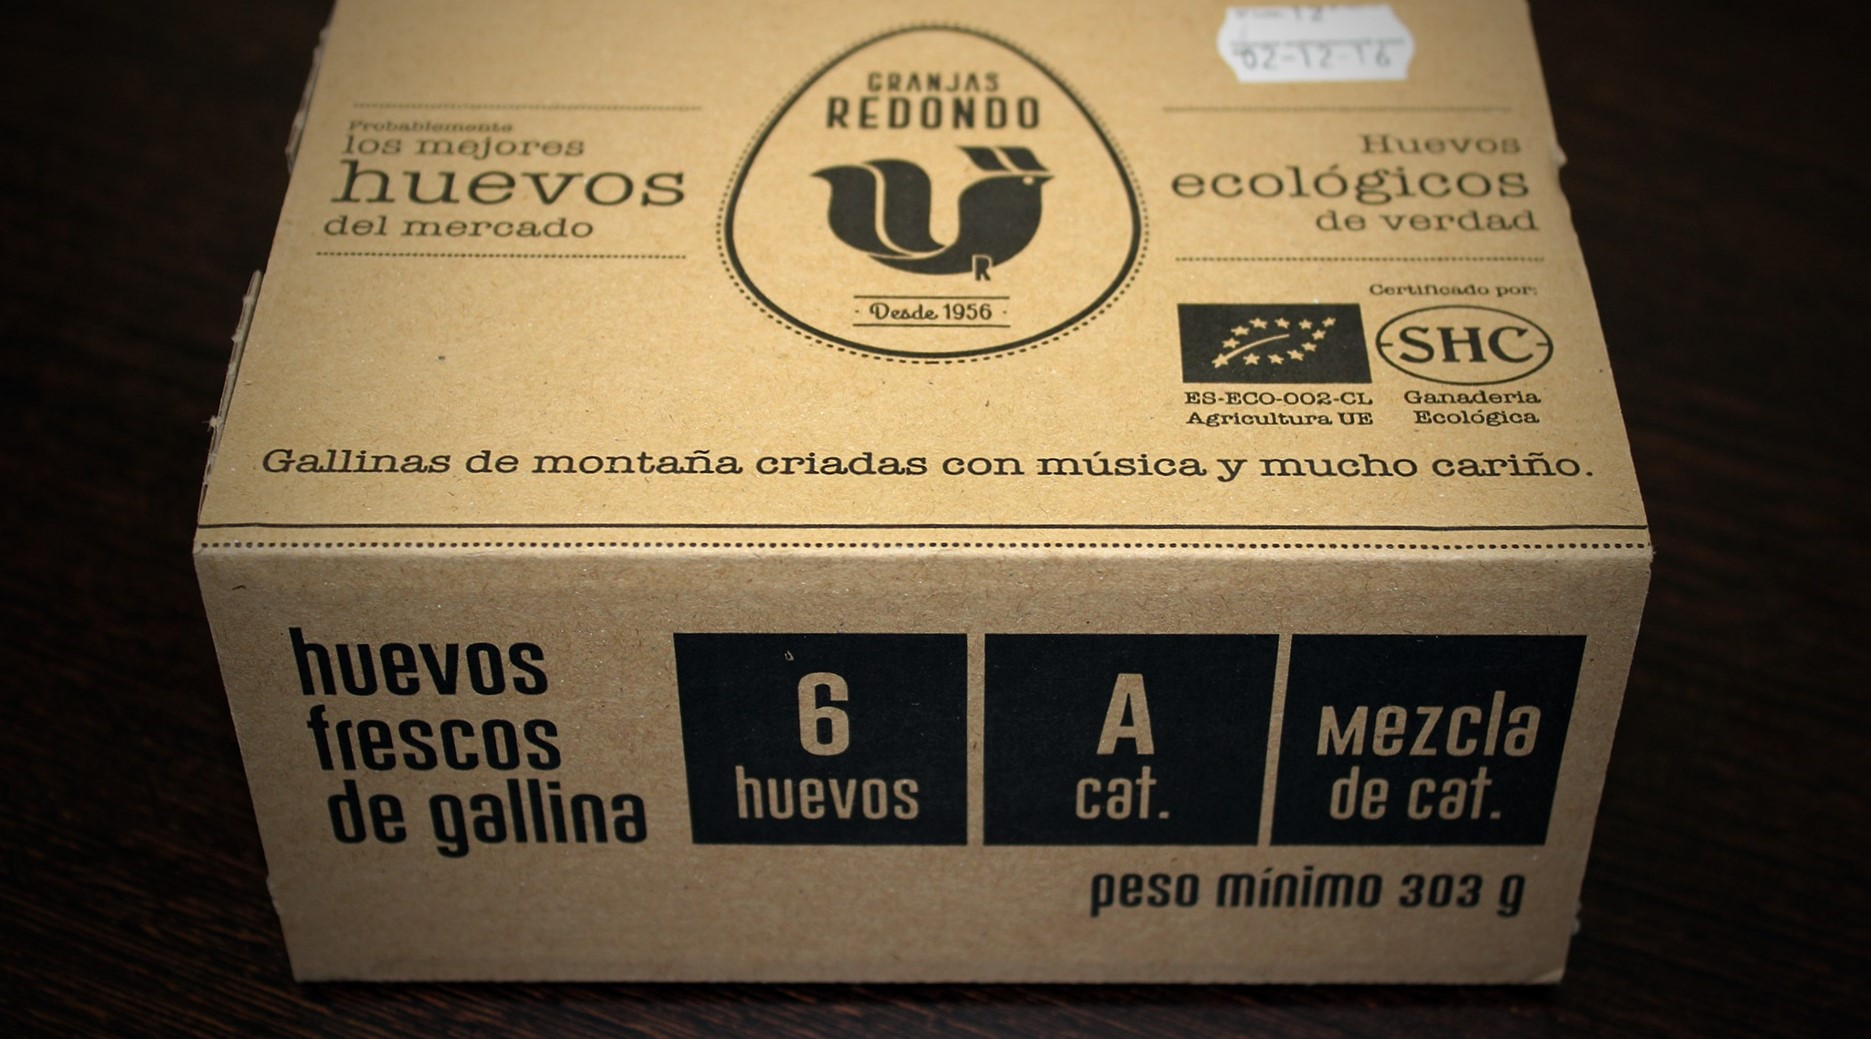 redondo_ecologicos